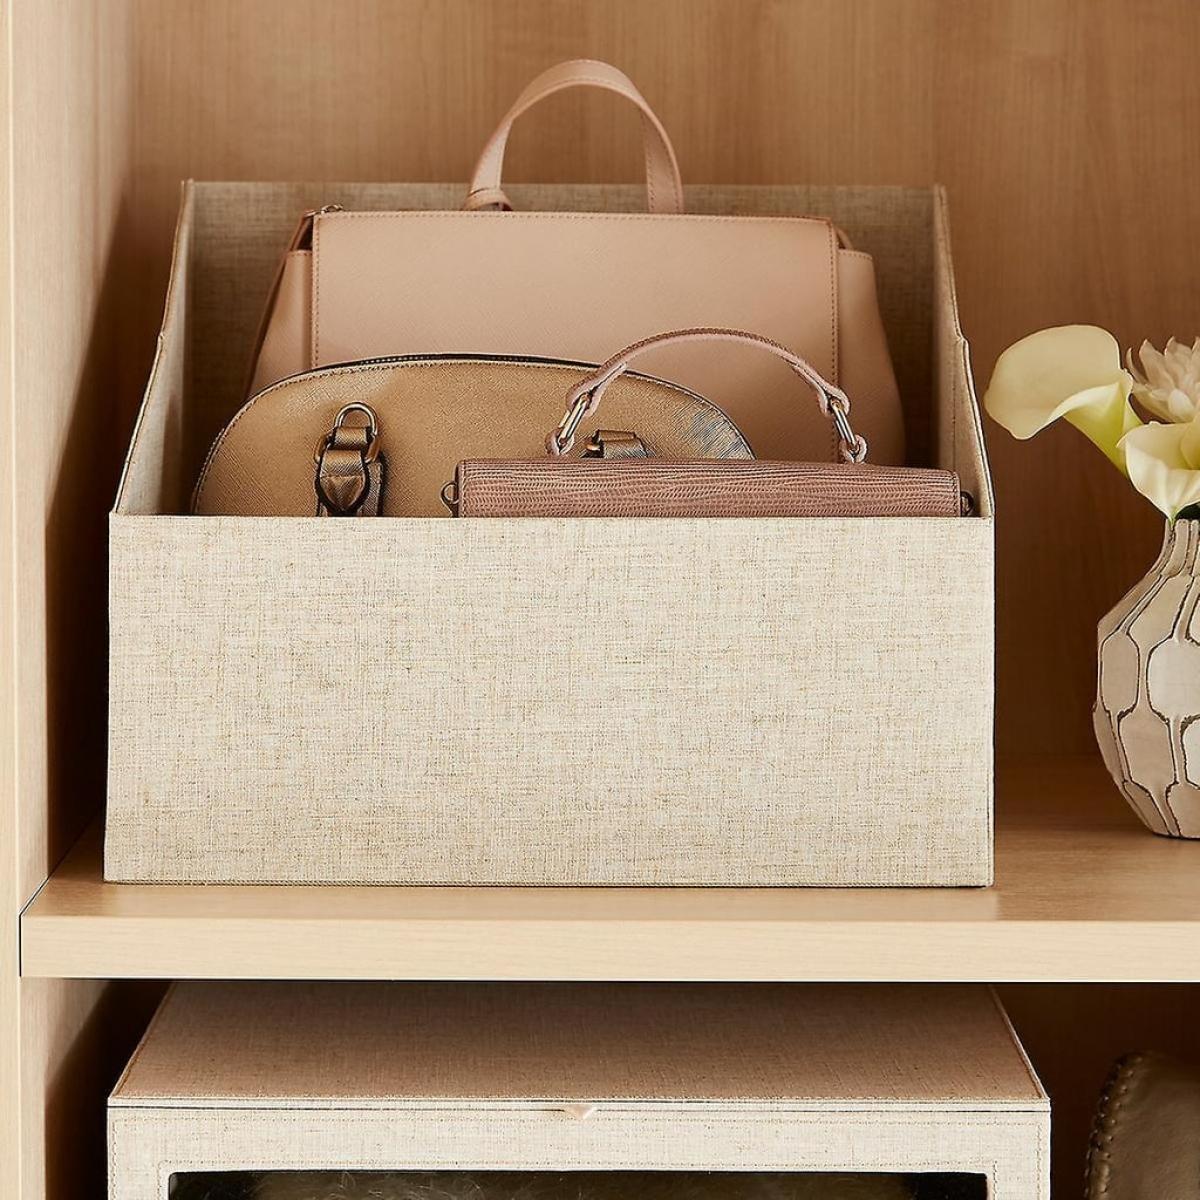 Túi xách nên được cho vào những chiếc hộp, vừa giữ được dáng túi, vừa không lộn xộn trong tủ quần áo của bạn.